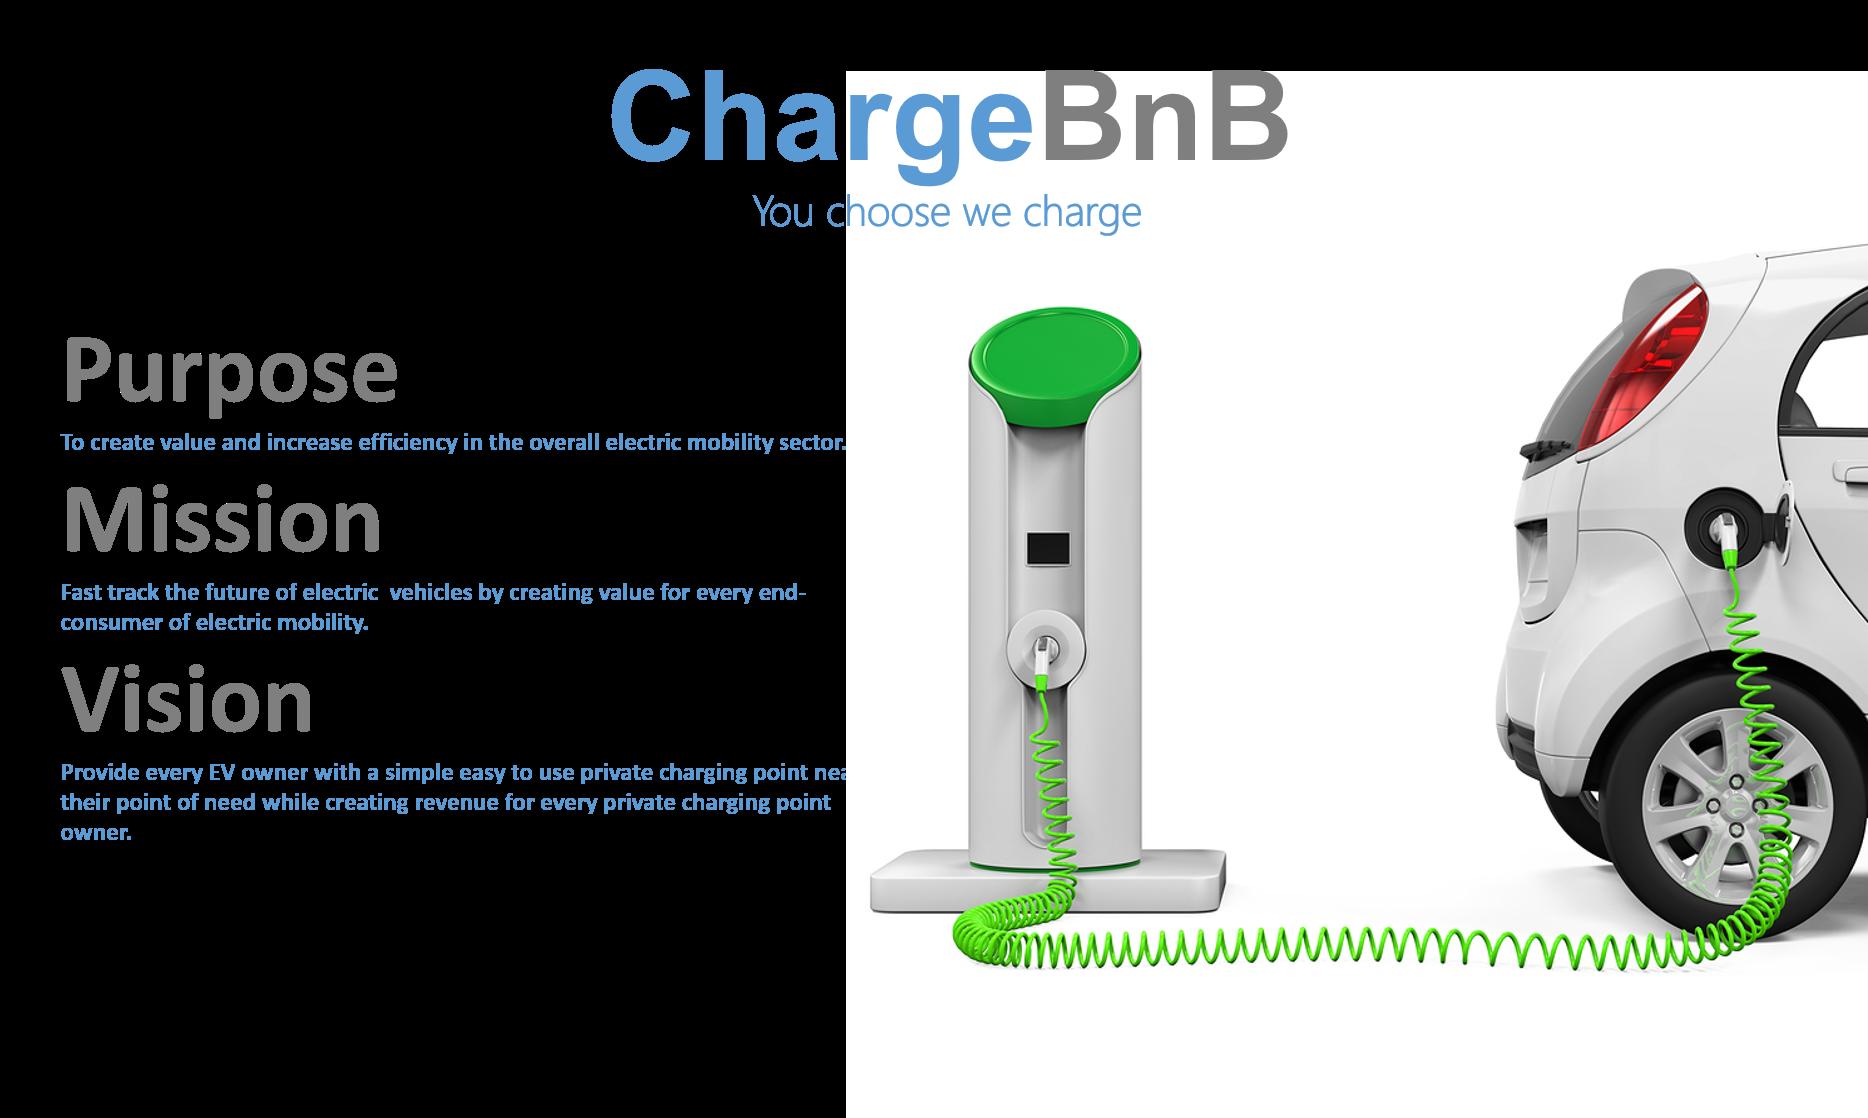 ChargeBnB